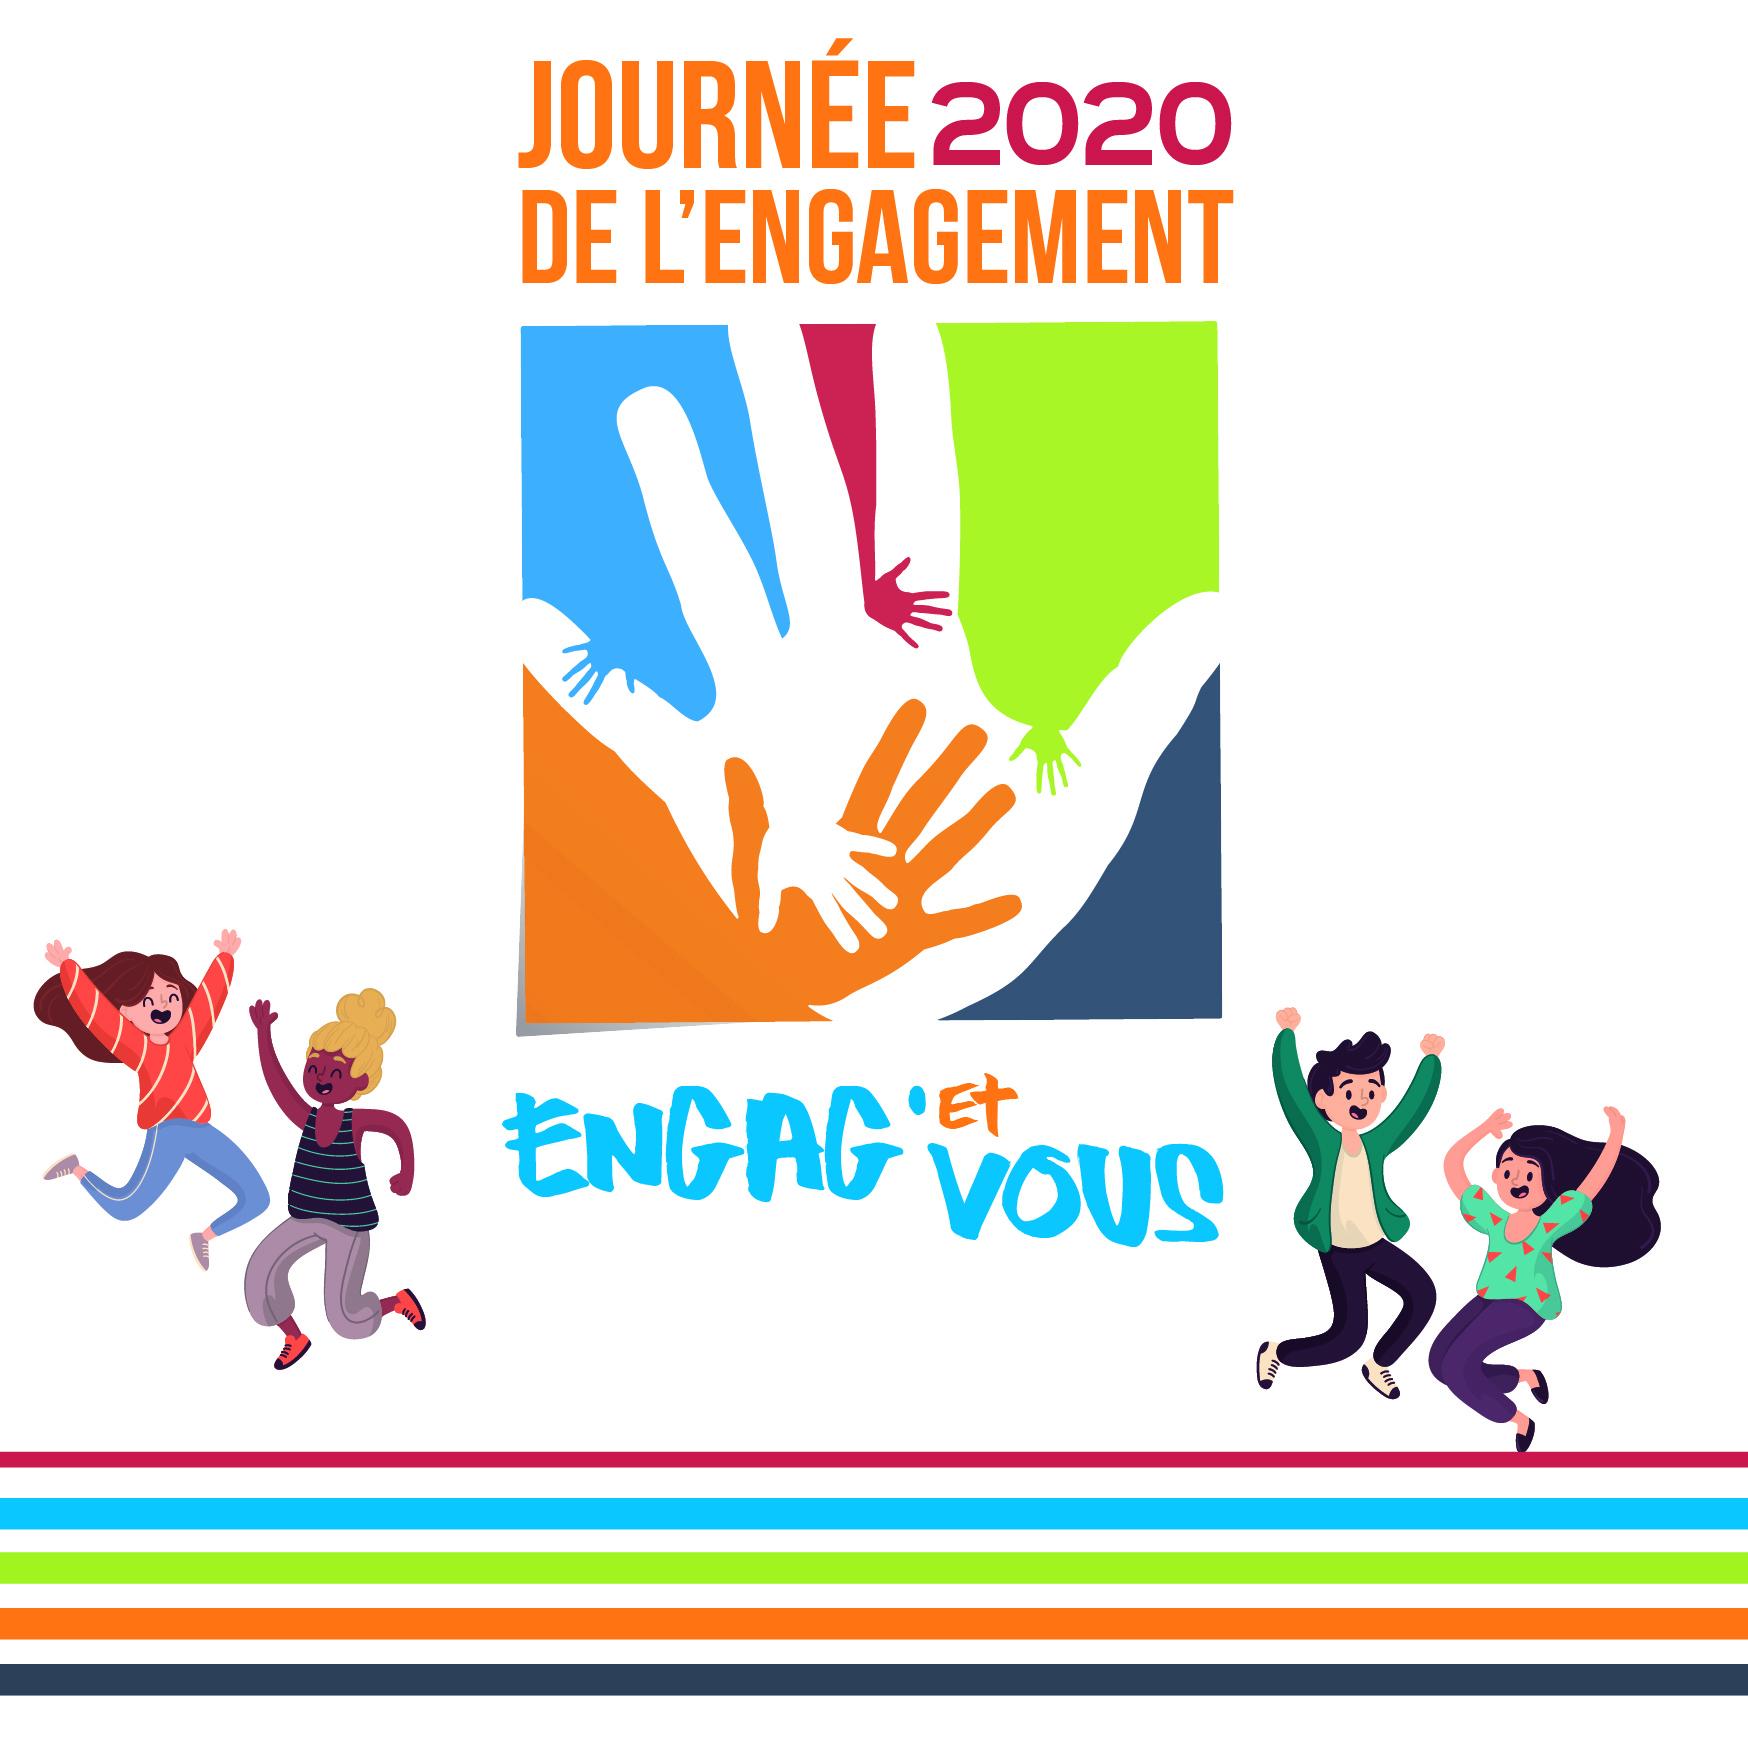 Journée de l'engagement 2020